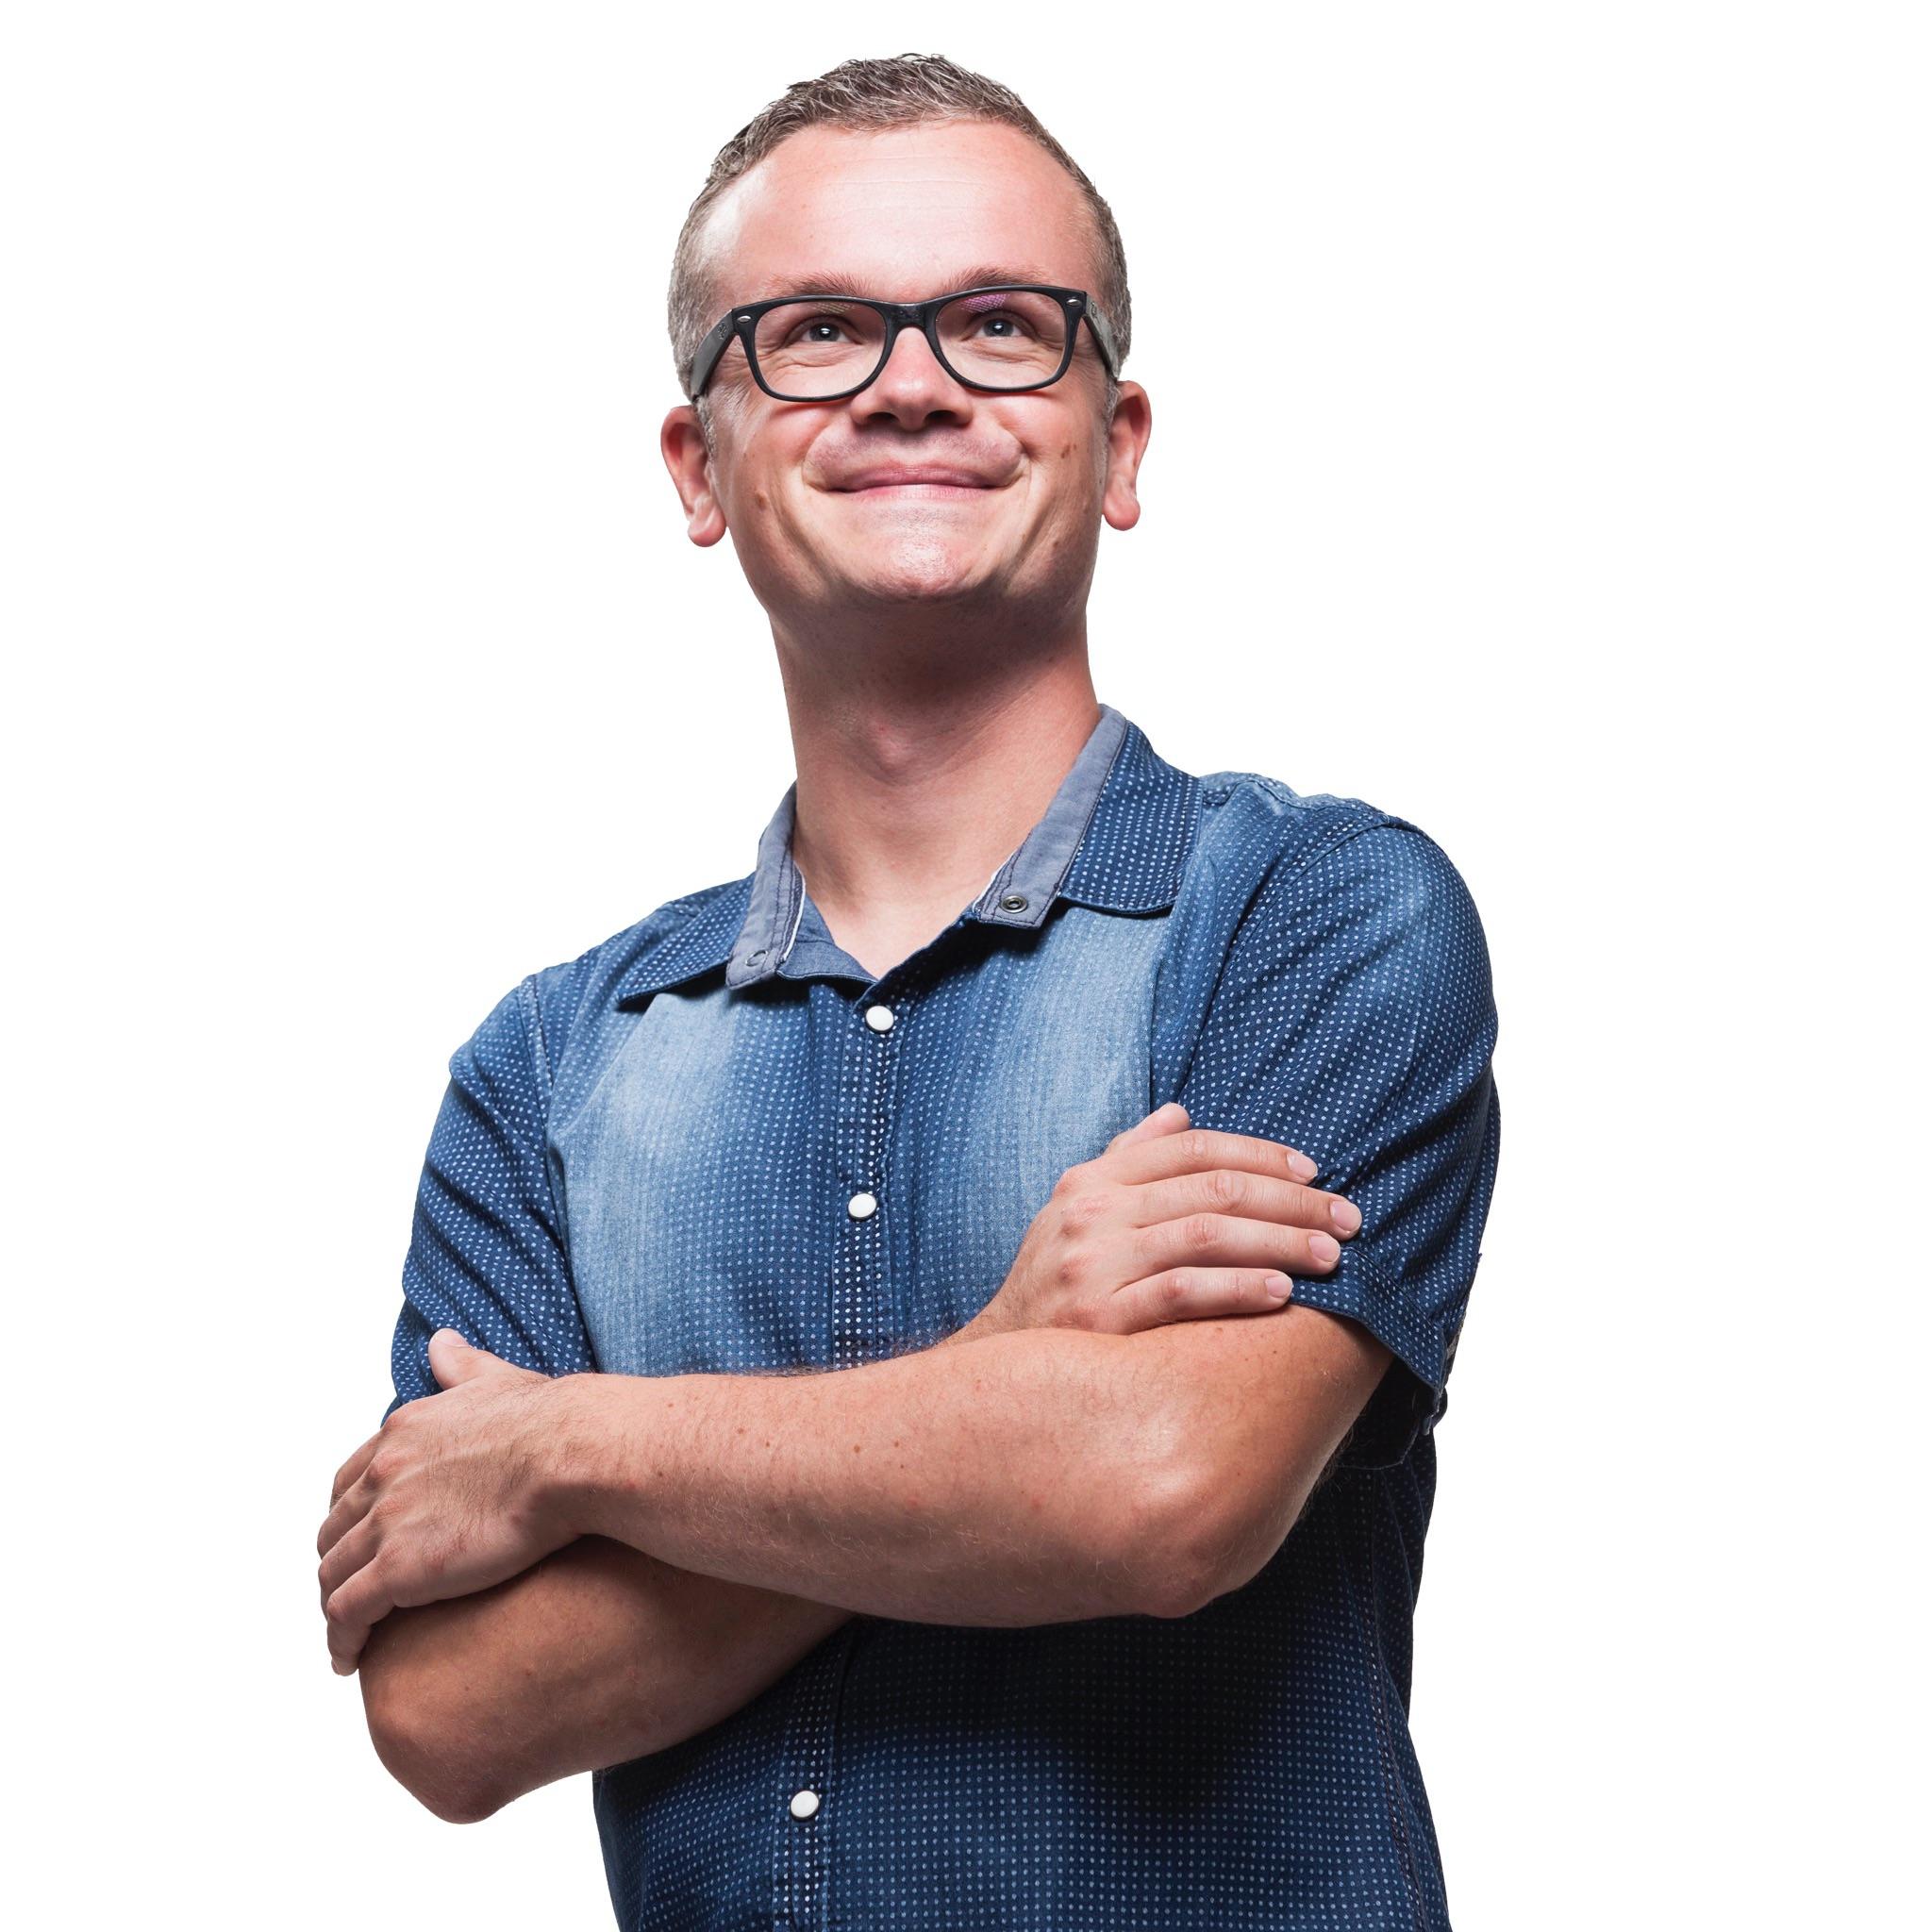 Thijs Feryn's podcast